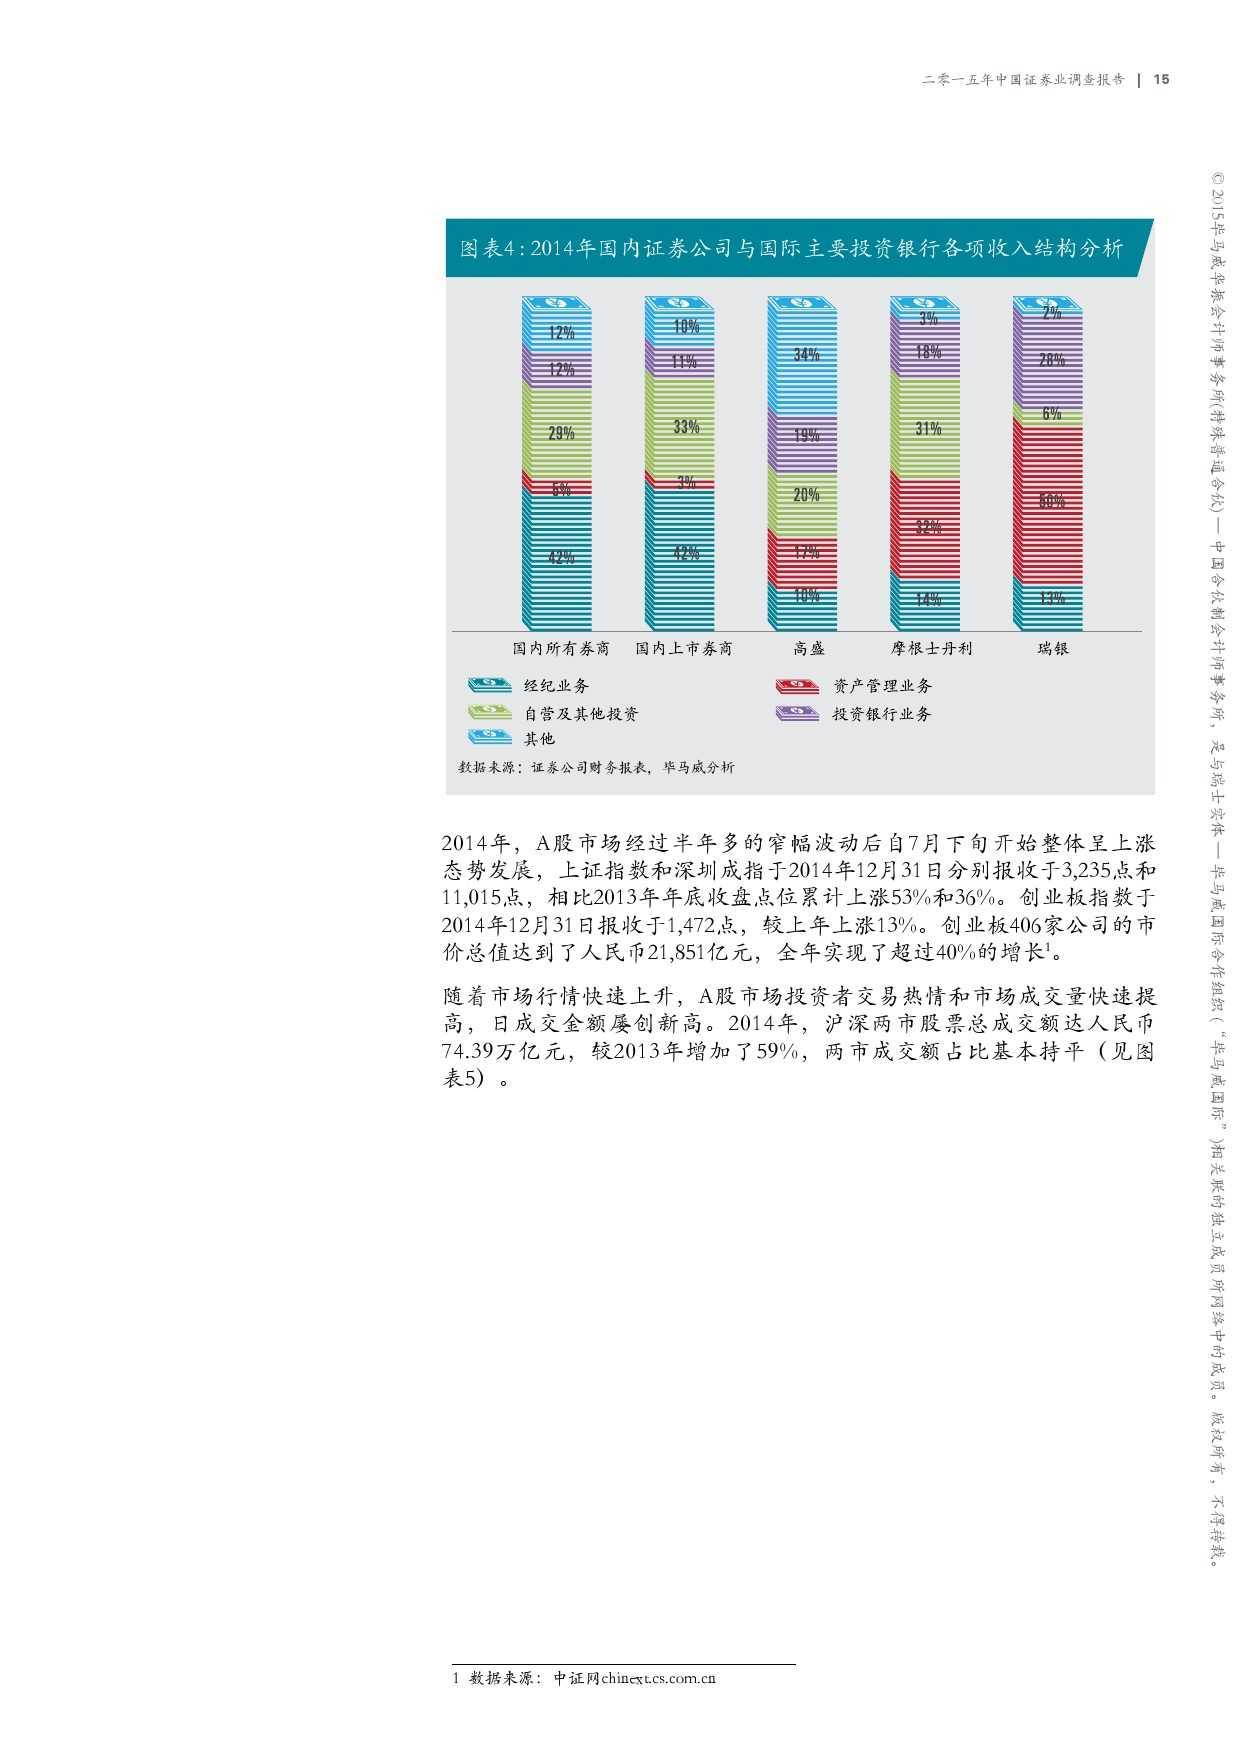 毕马威:2015年中国证券业调查报告_000017